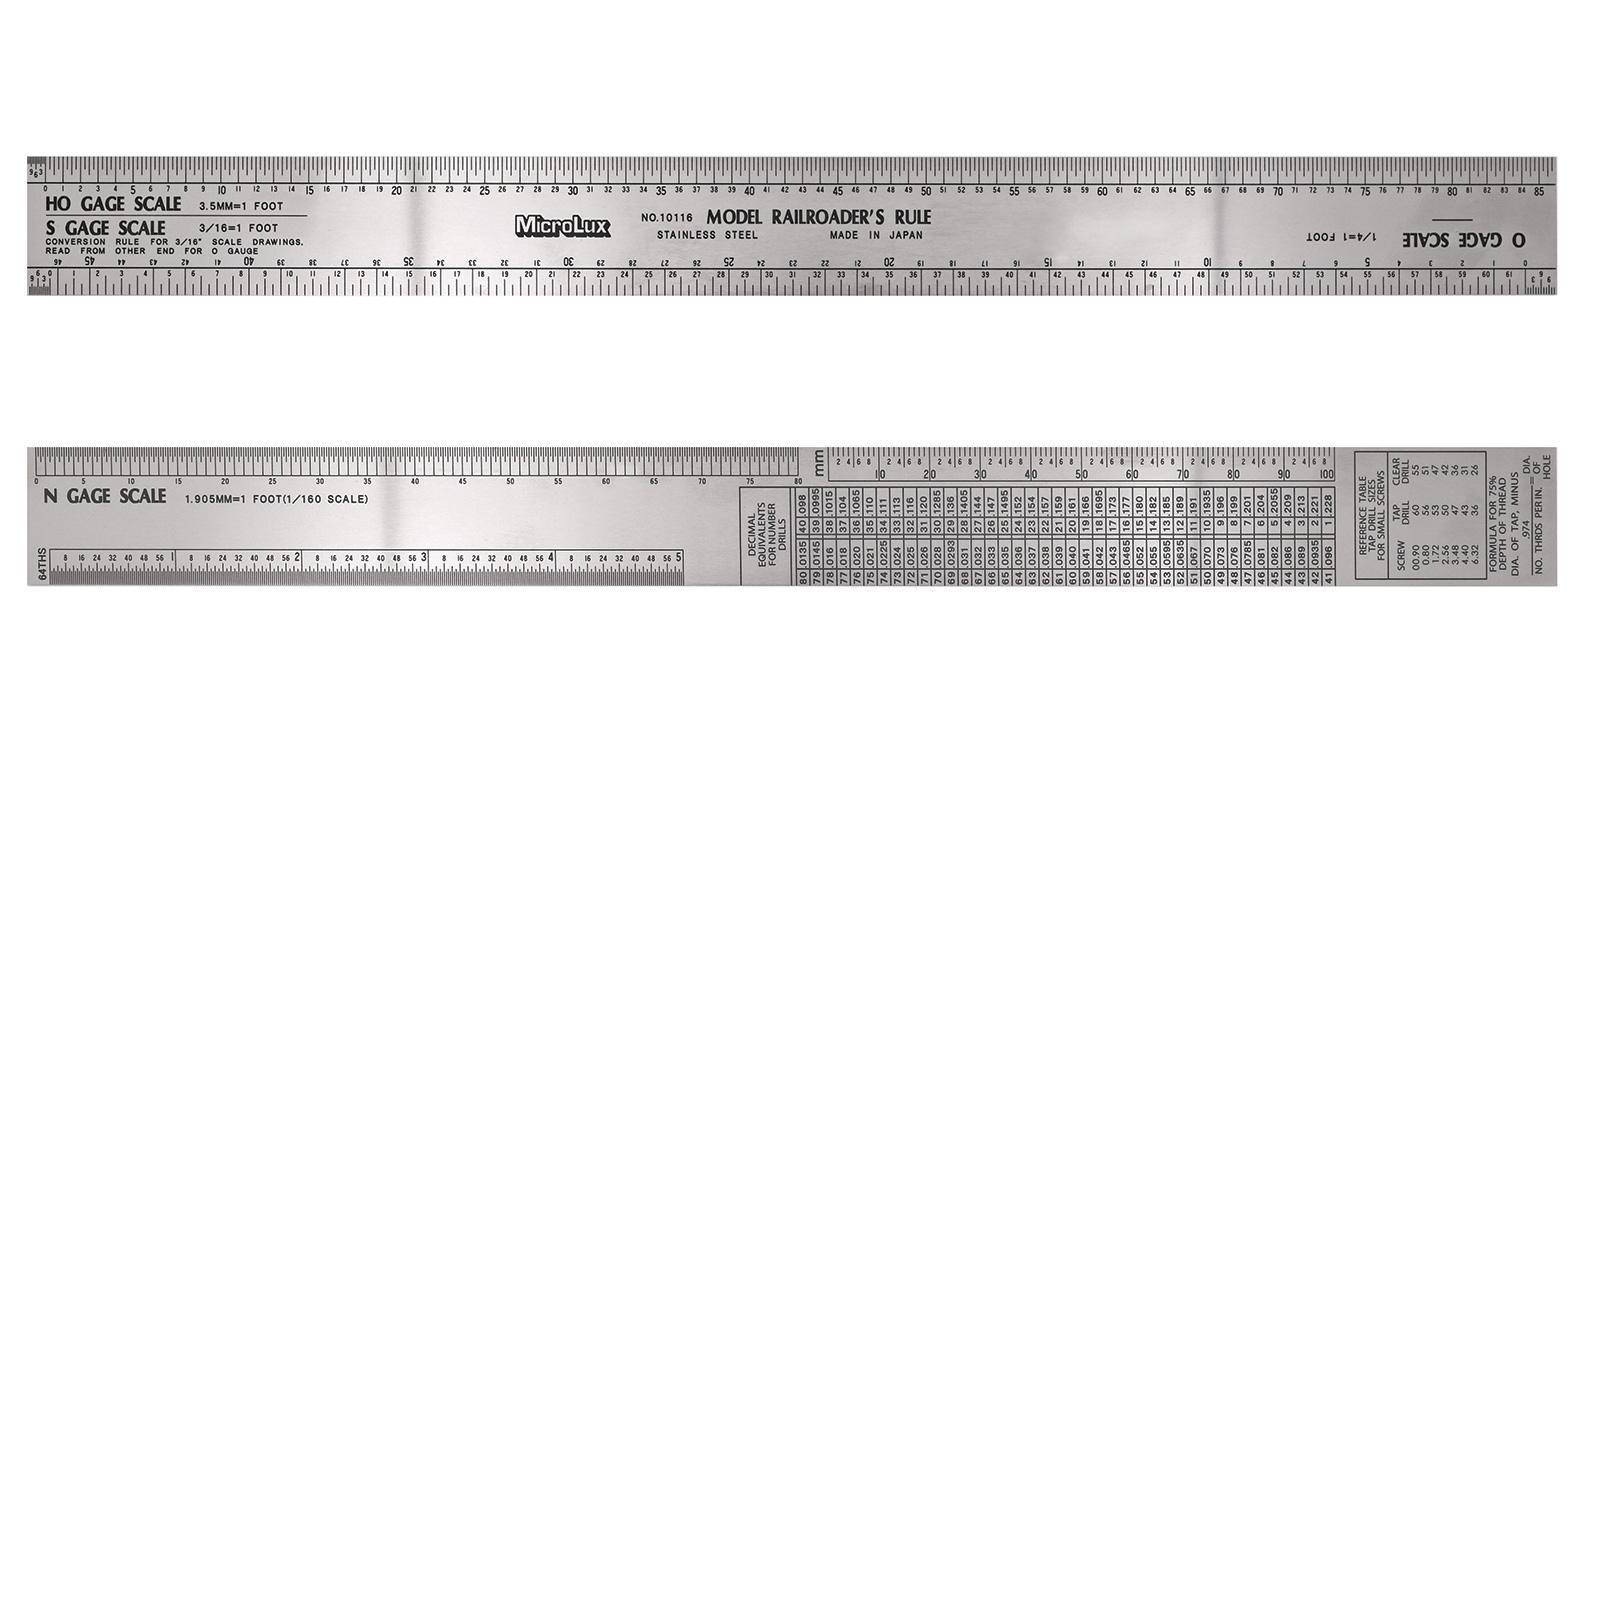 12 Inch Stainless Steel Model Railroader's Ruler (For Ho, O